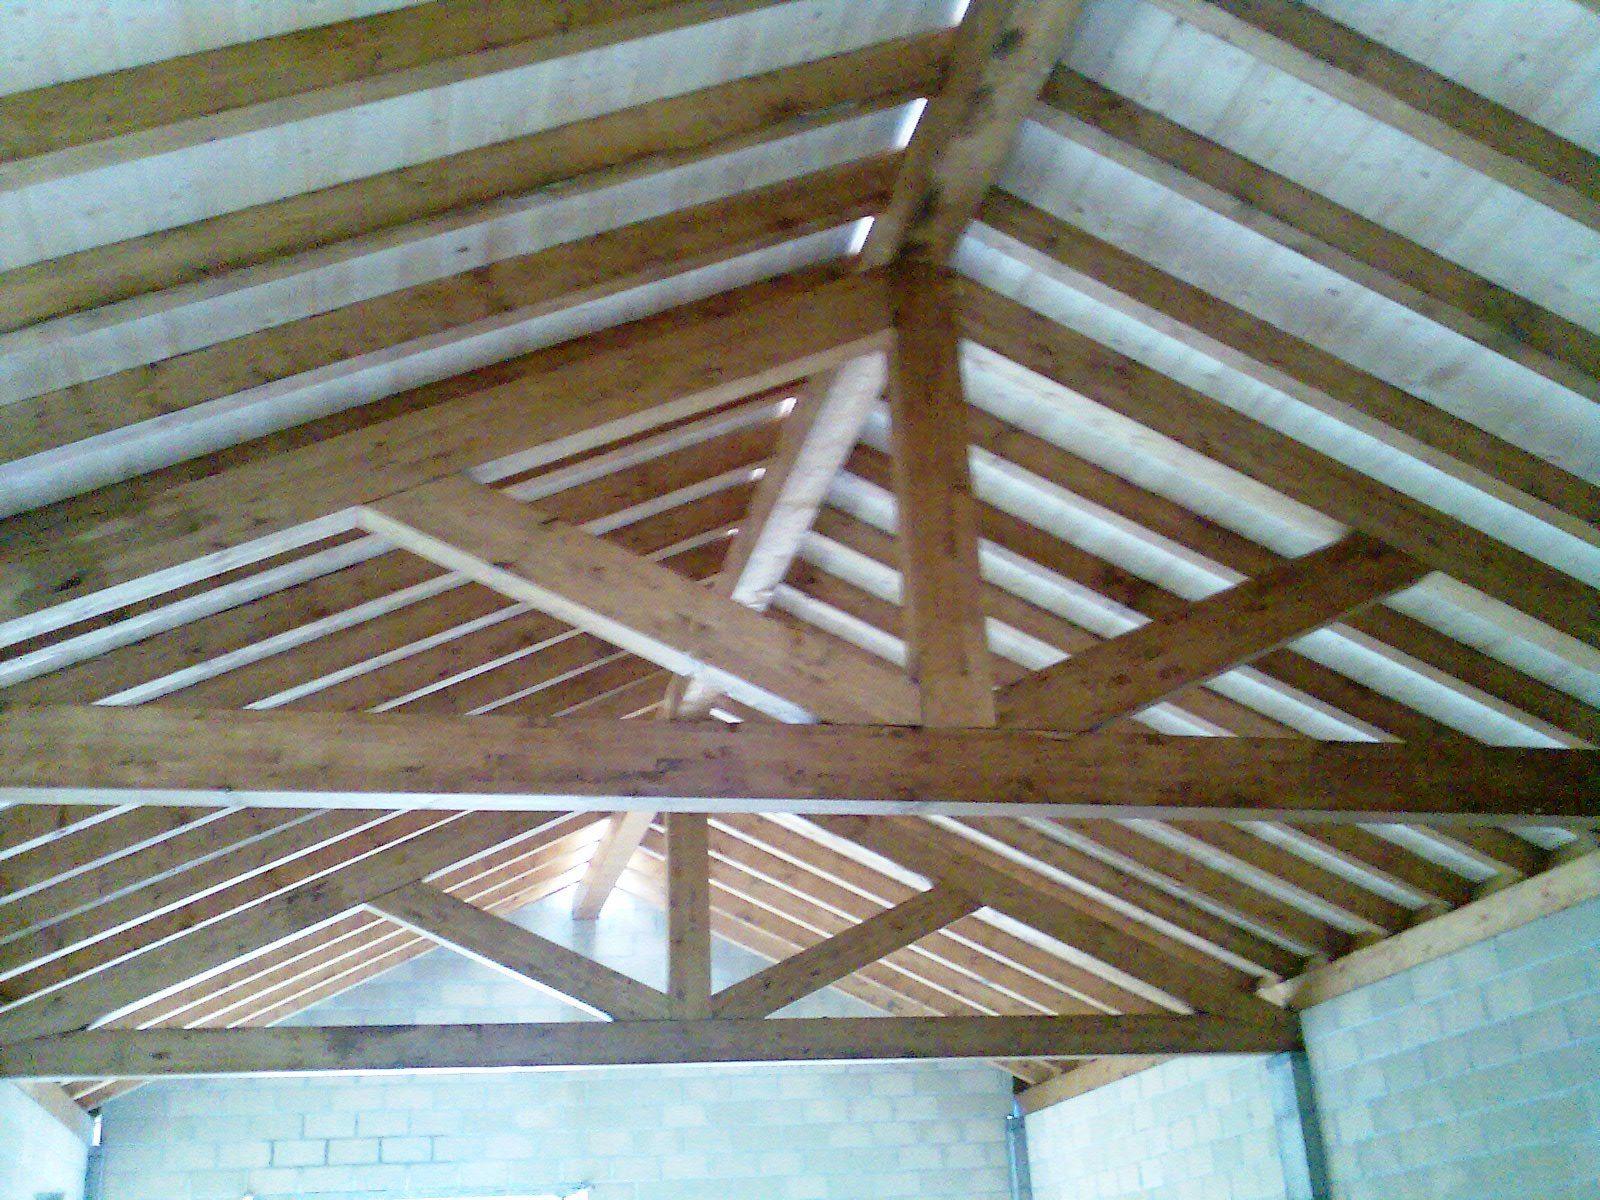 Cerchas madera para cubiertas image search - Techos de madera interiores ...